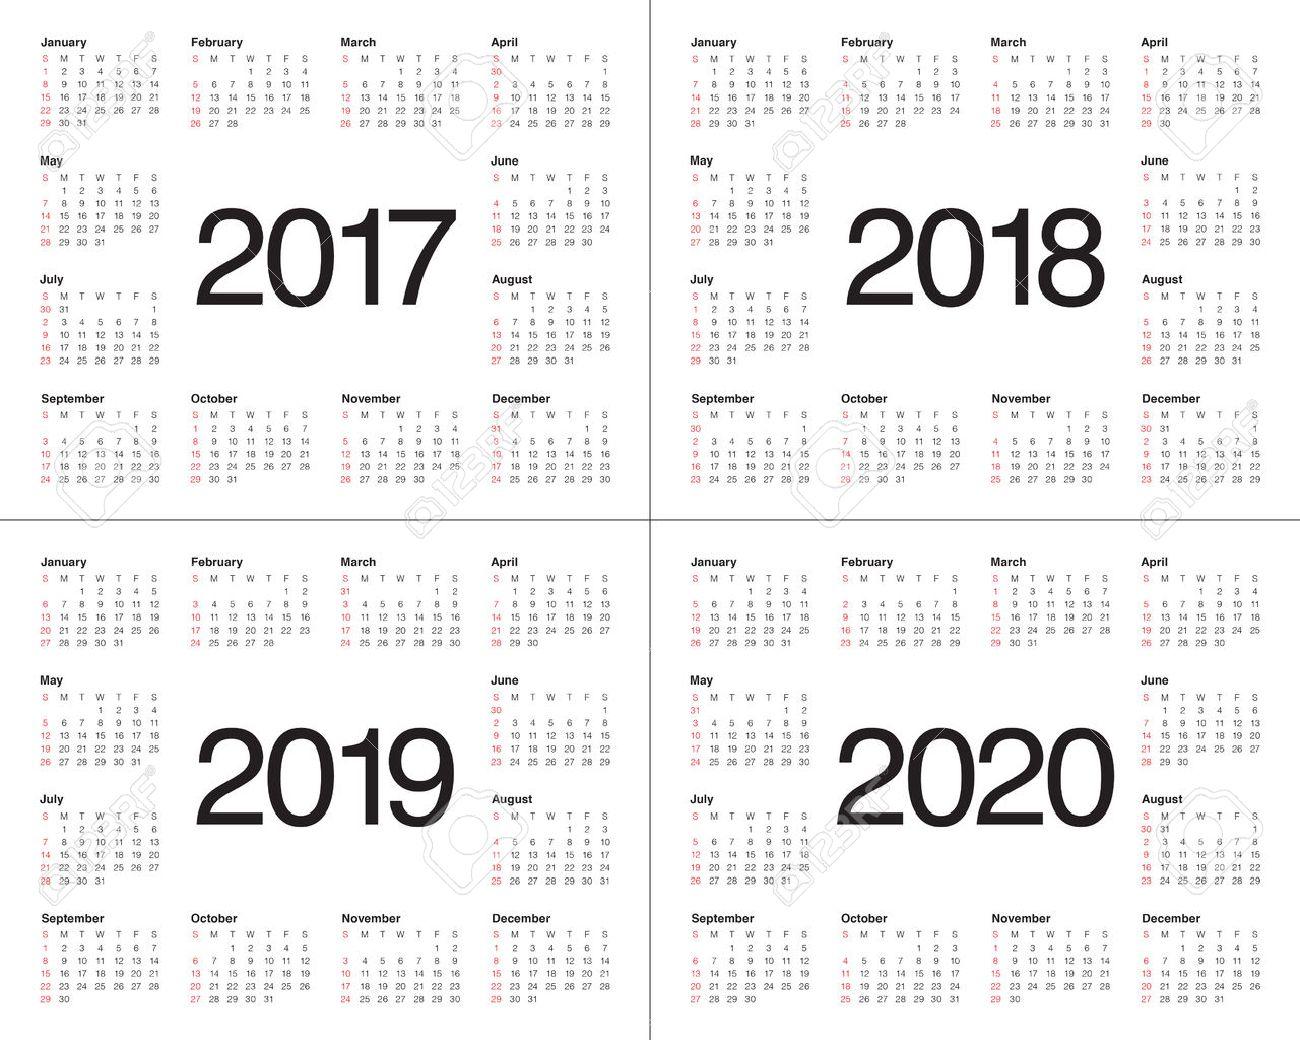 Calendrier Mensuel 2020 2019.Modele De Calendrier Simple Pour 2017 2018 2019 Et 2020